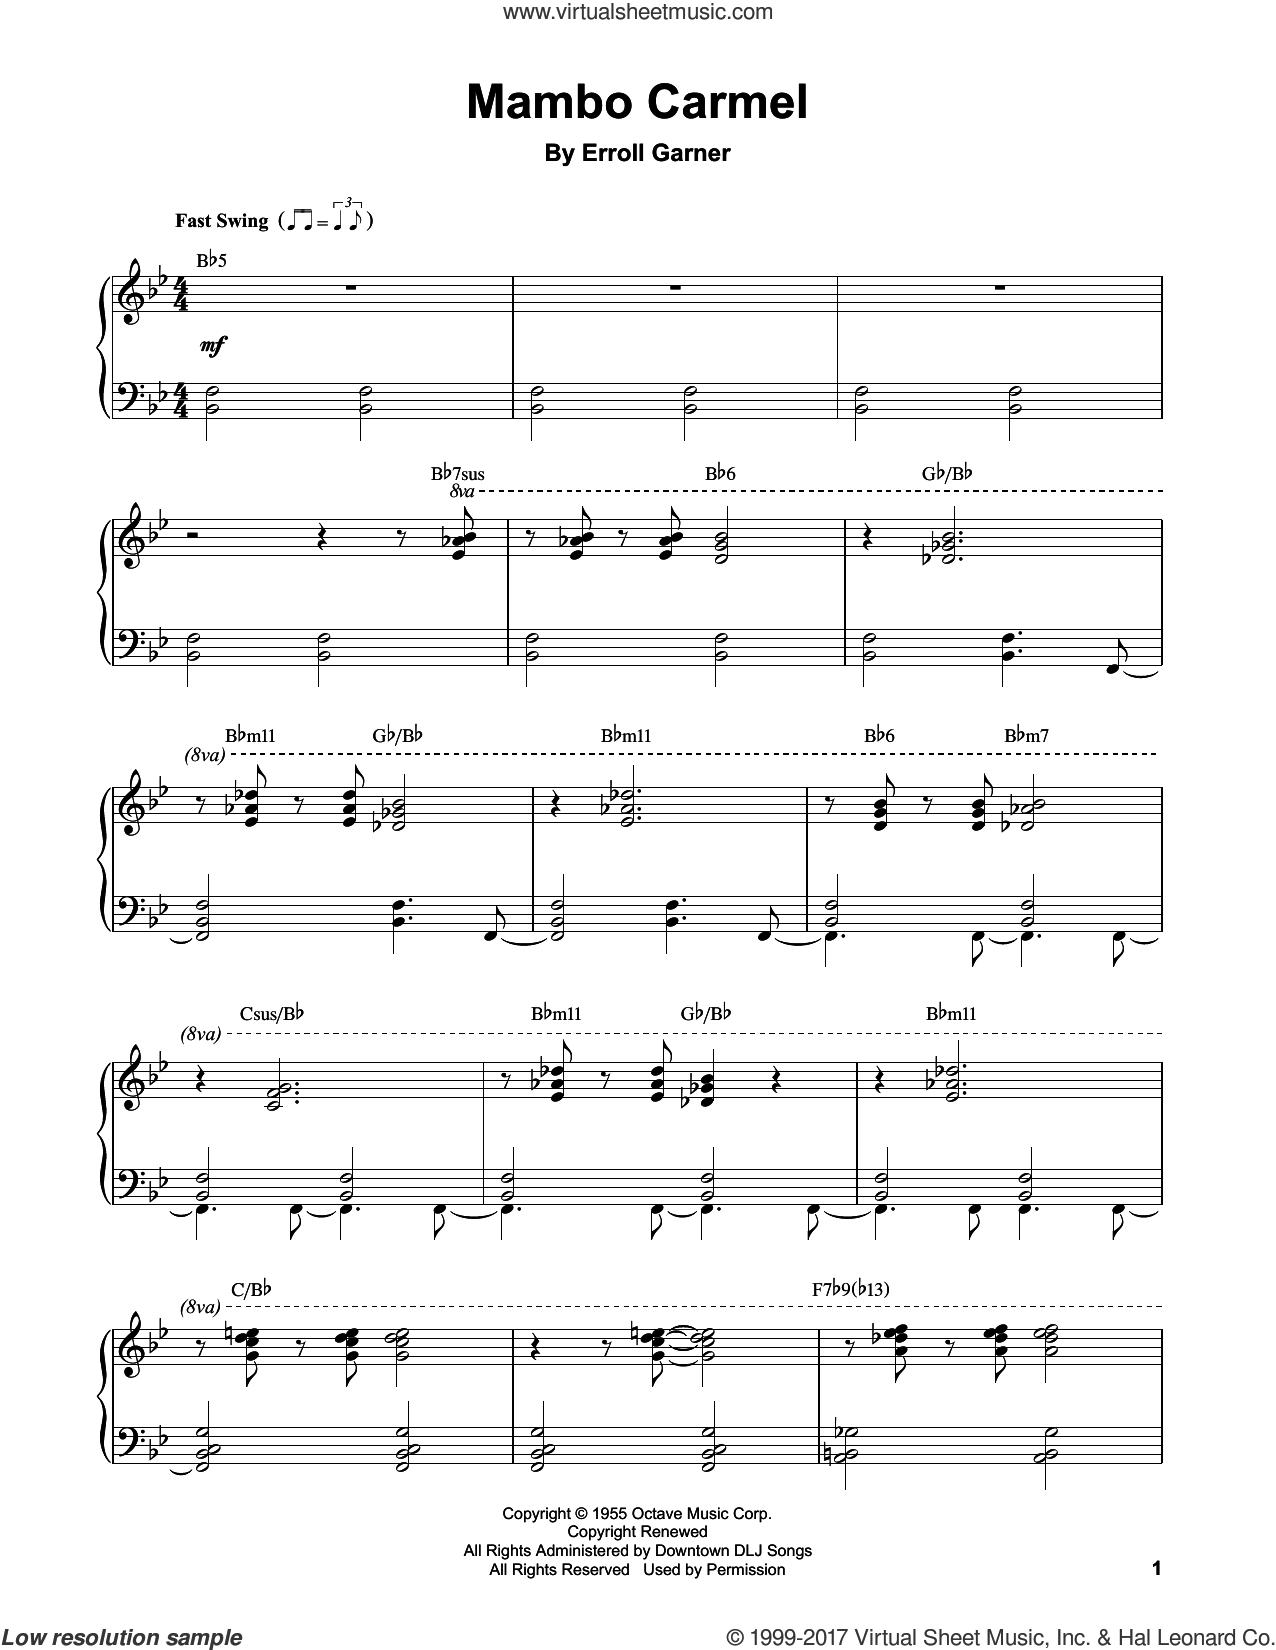 Mambo Carmel sheet music for piano solo (transcription) by Erroll Garner, intermediate piano (transcription)